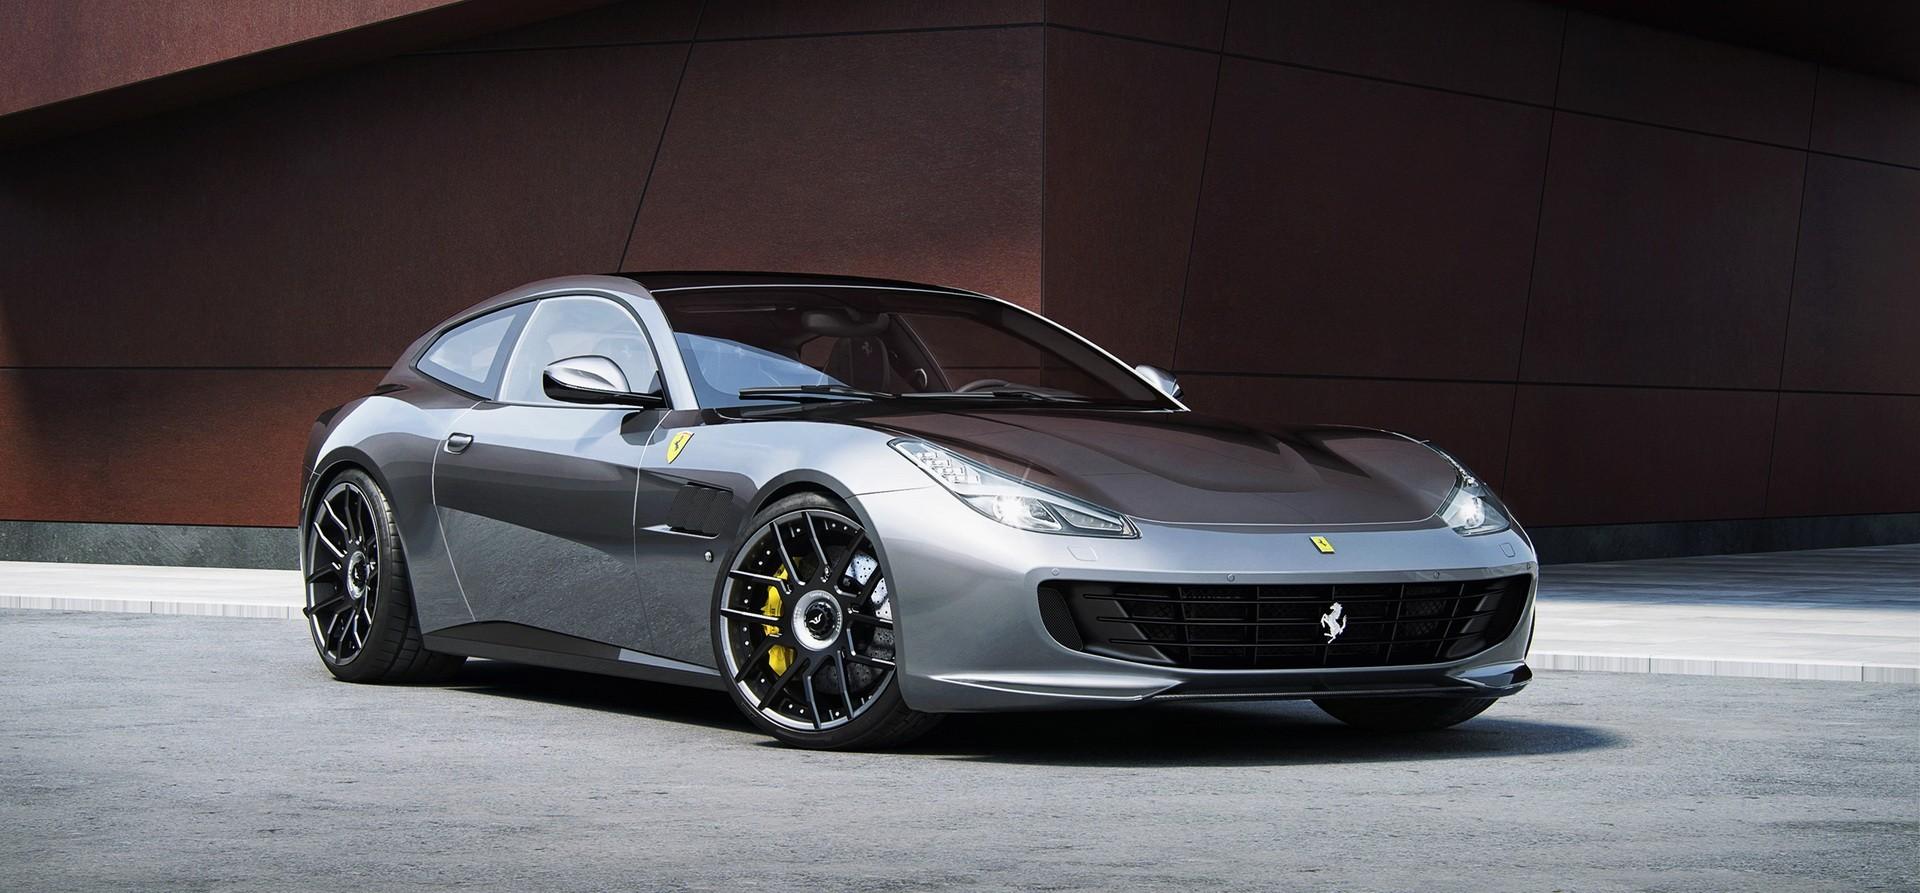 Ferrari GTC4Lusso T by Wheelsandmore (1)